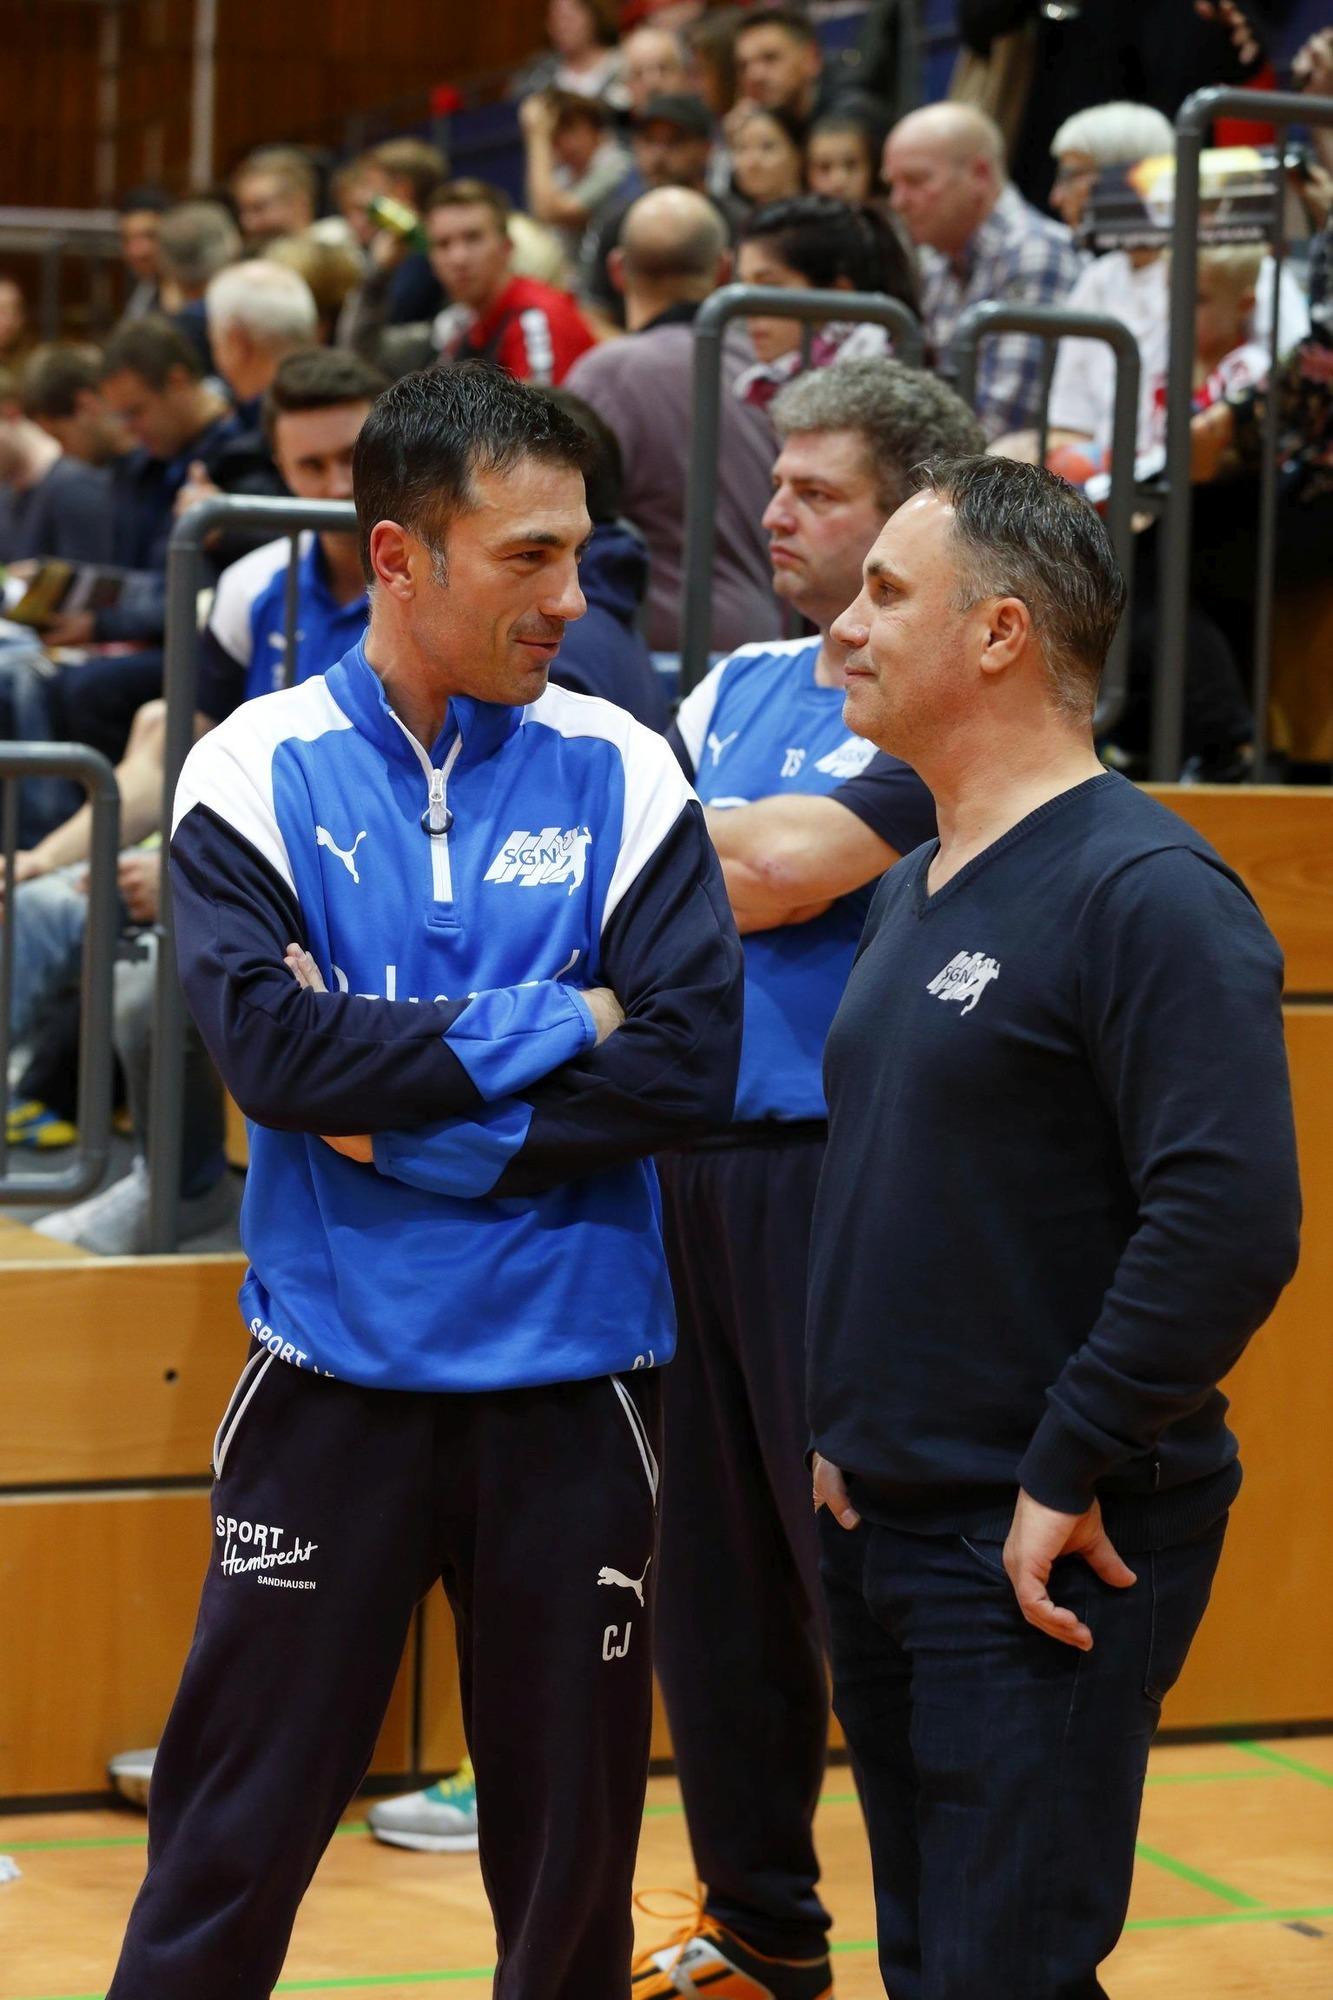 Sg Nussloch Handball